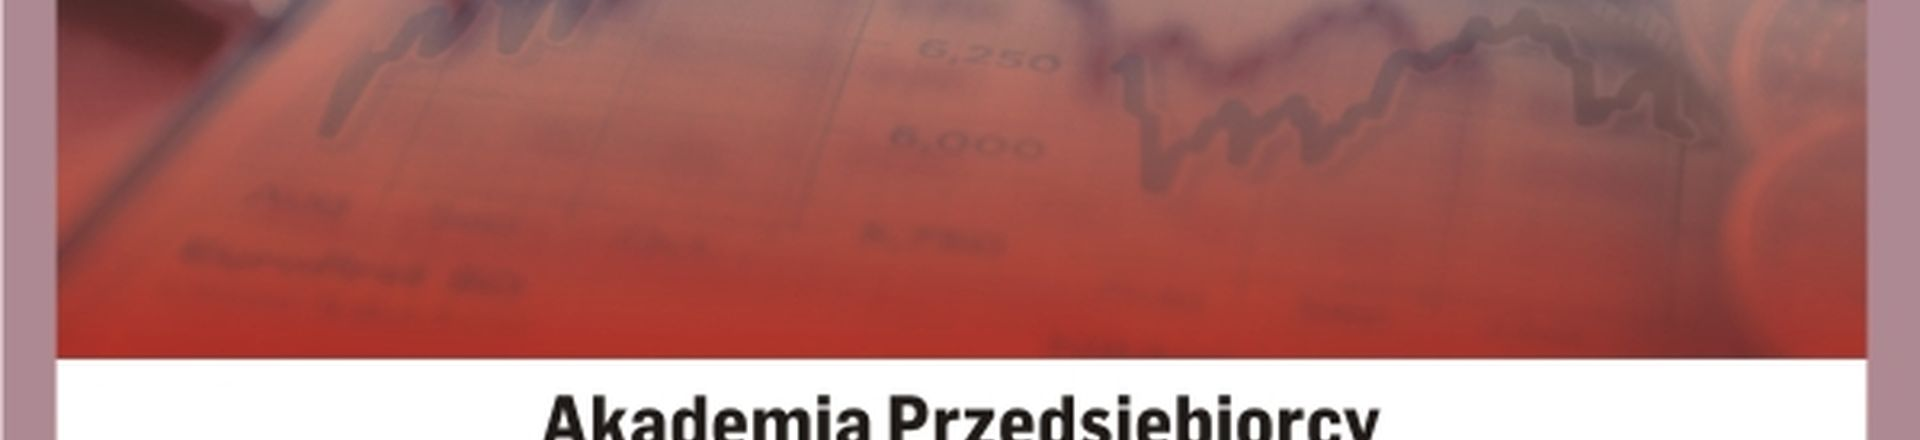 Cykl Akademia Przedsiębiorcy: Kapitał i bezpieczeństwo Twojej firmy - Kalisz